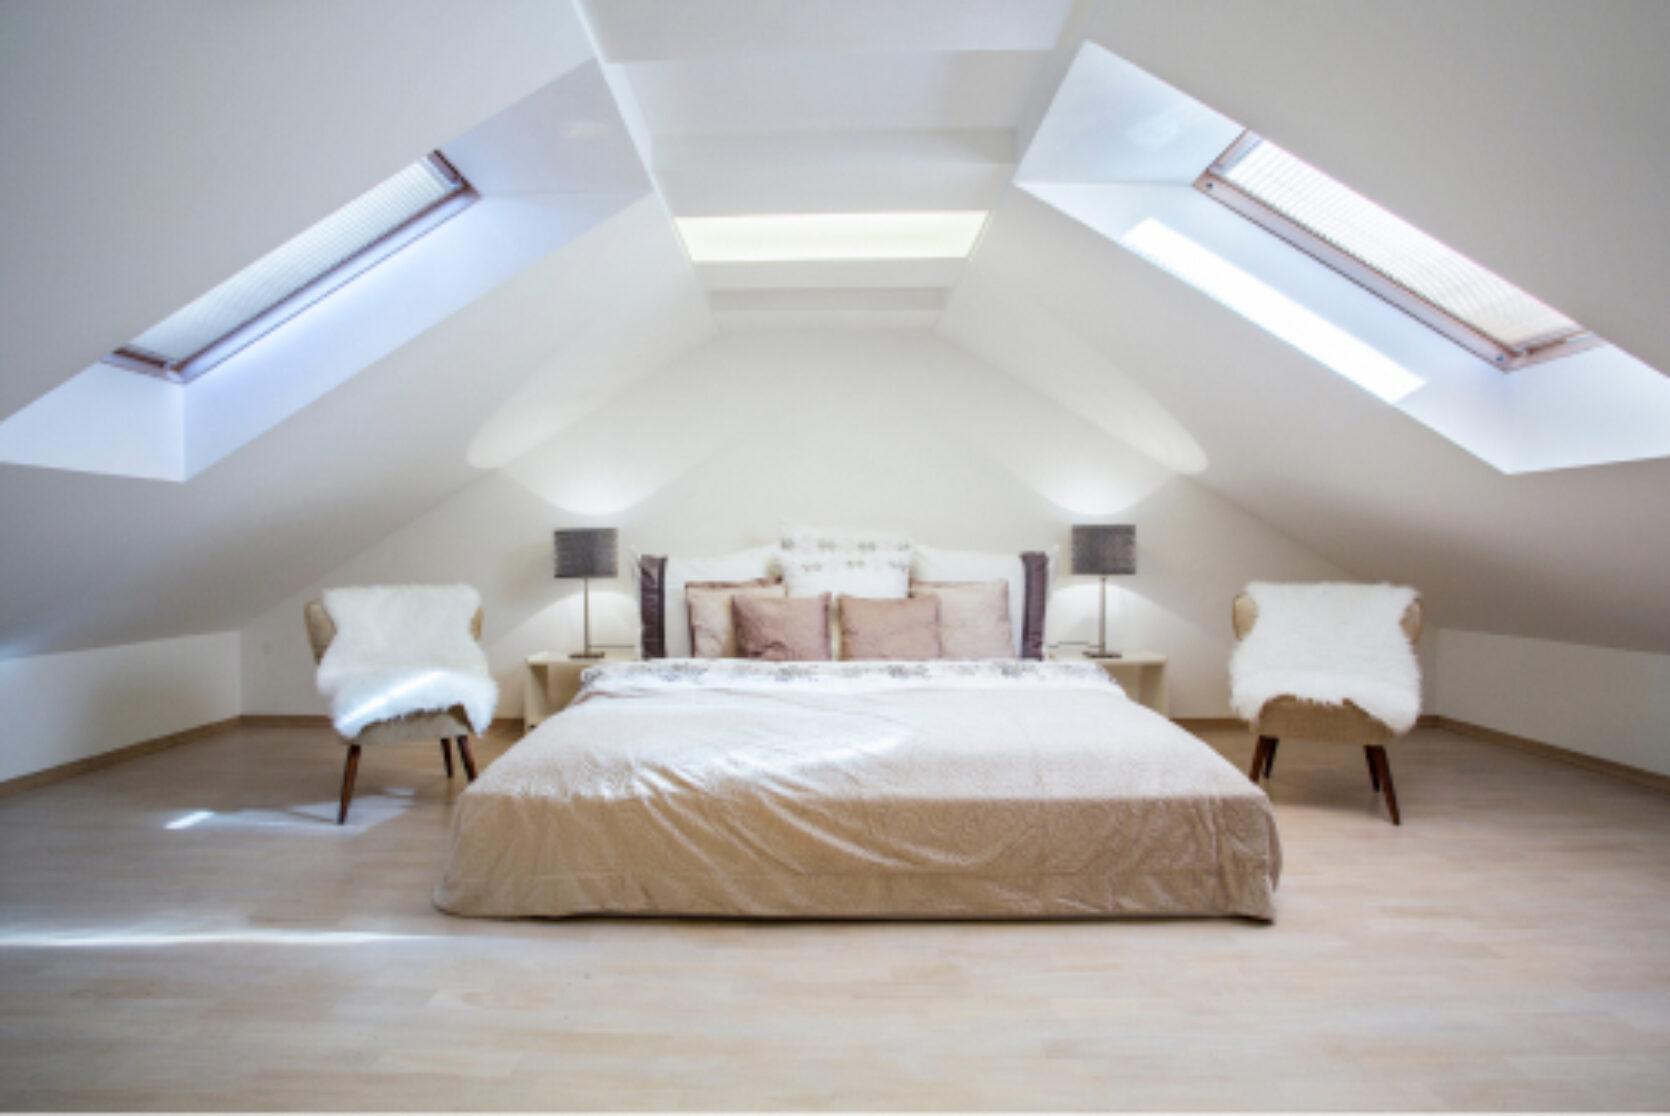 Stort og lyst soverom i loftetasje med skråtak og takvinduer